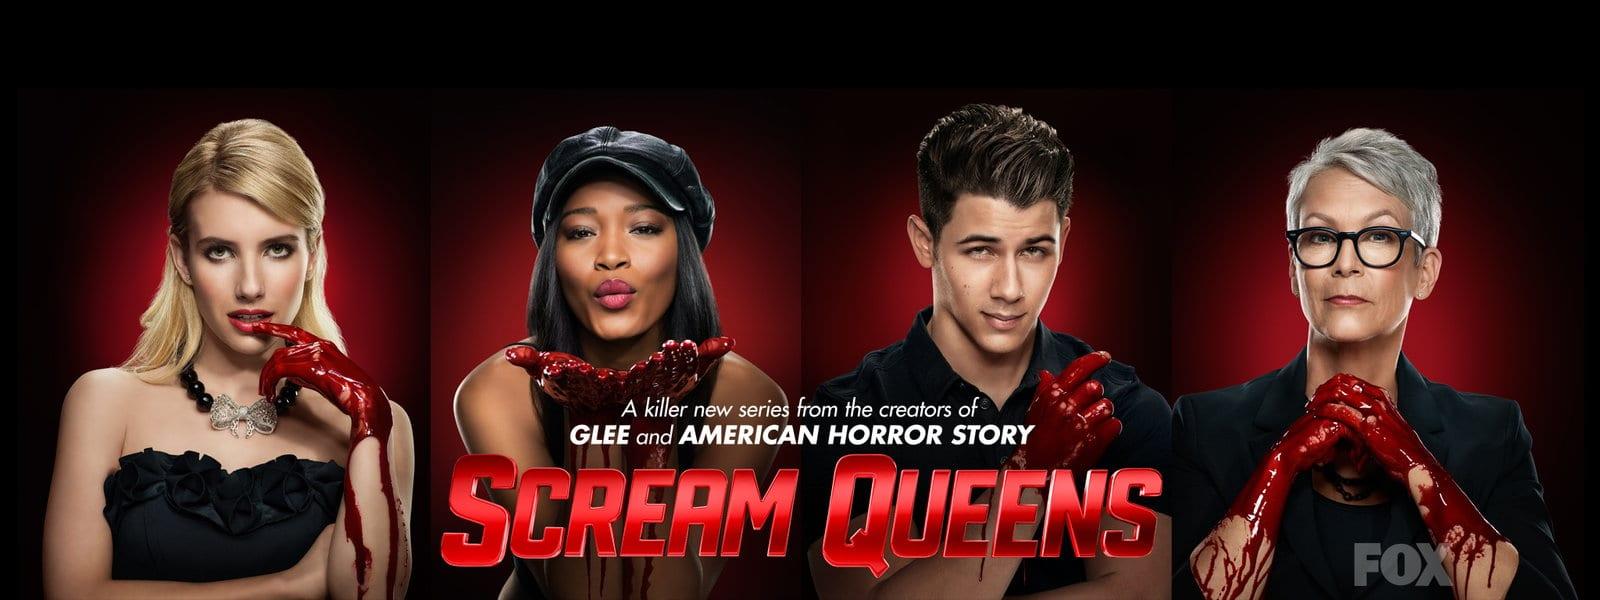 Scream Queens – słów kilka onowym serialu grozy